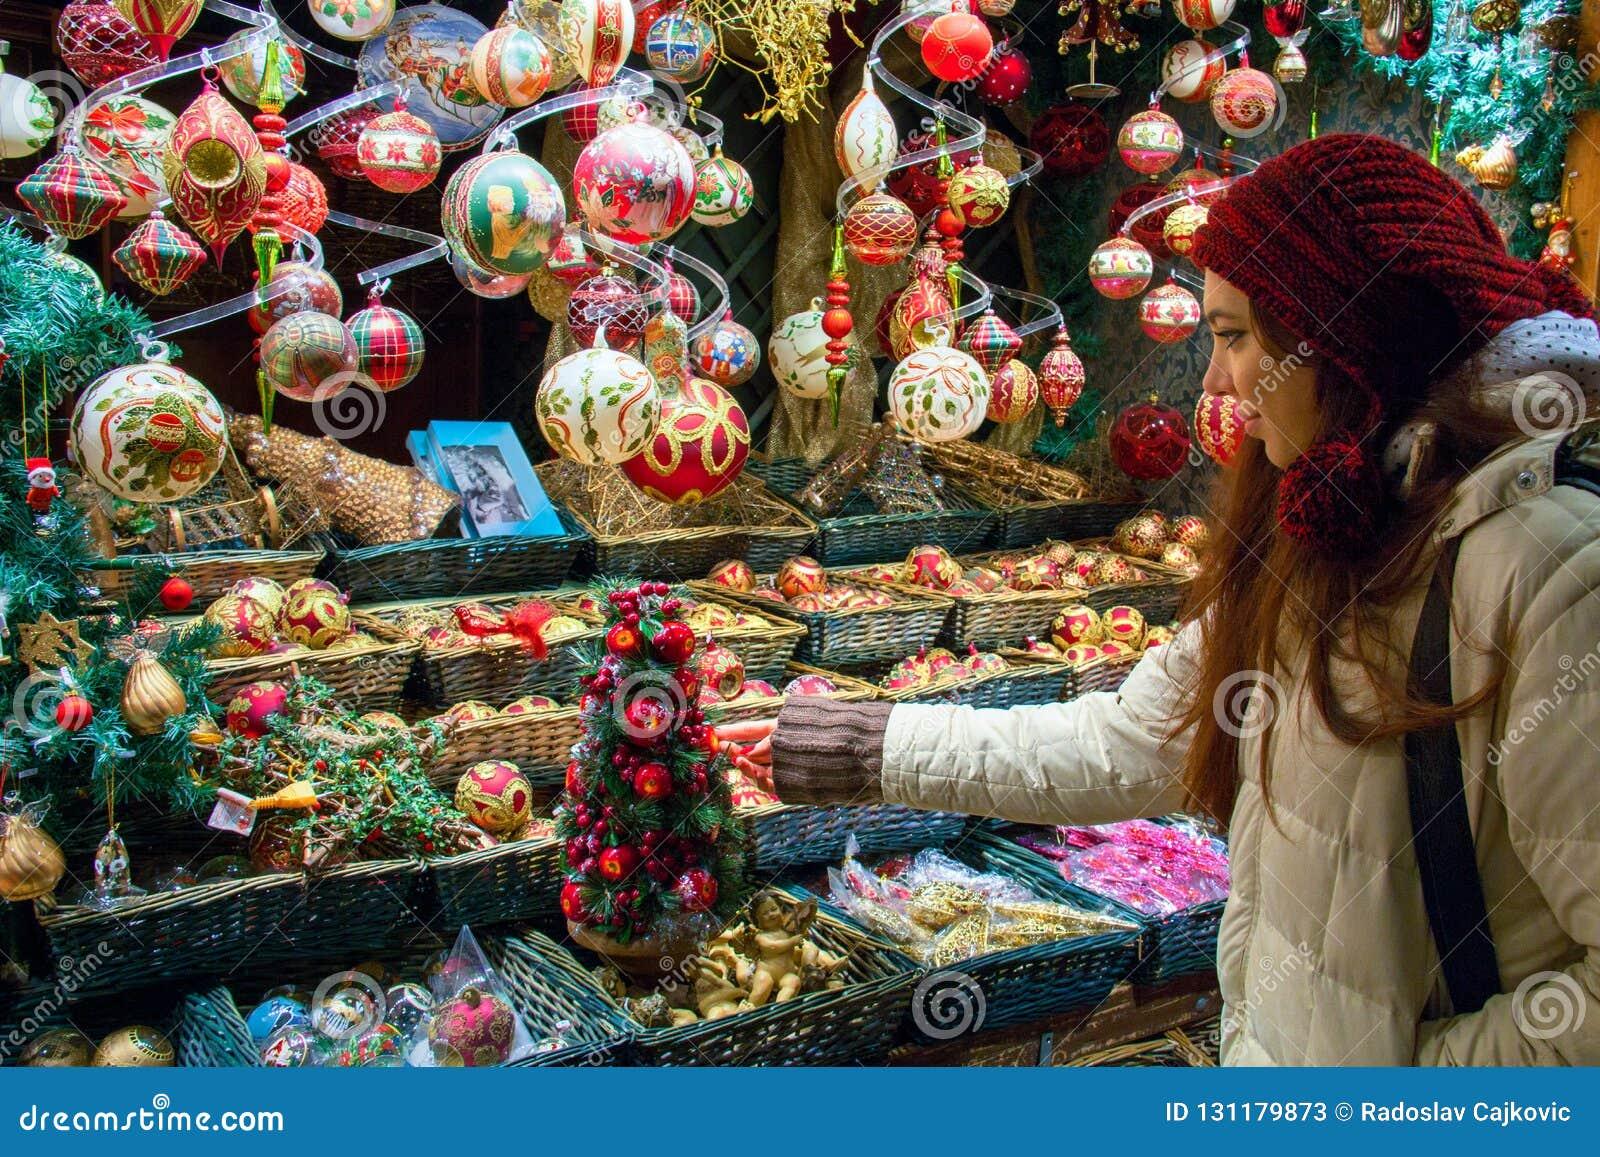 Ψωνίζοντας για τις διακοπές Χριστουγέννων, νέα γυναίκα στο παράθυρο επίδειξης αγοράς που επιλέγει τις διακοσμήσεις δέντρων